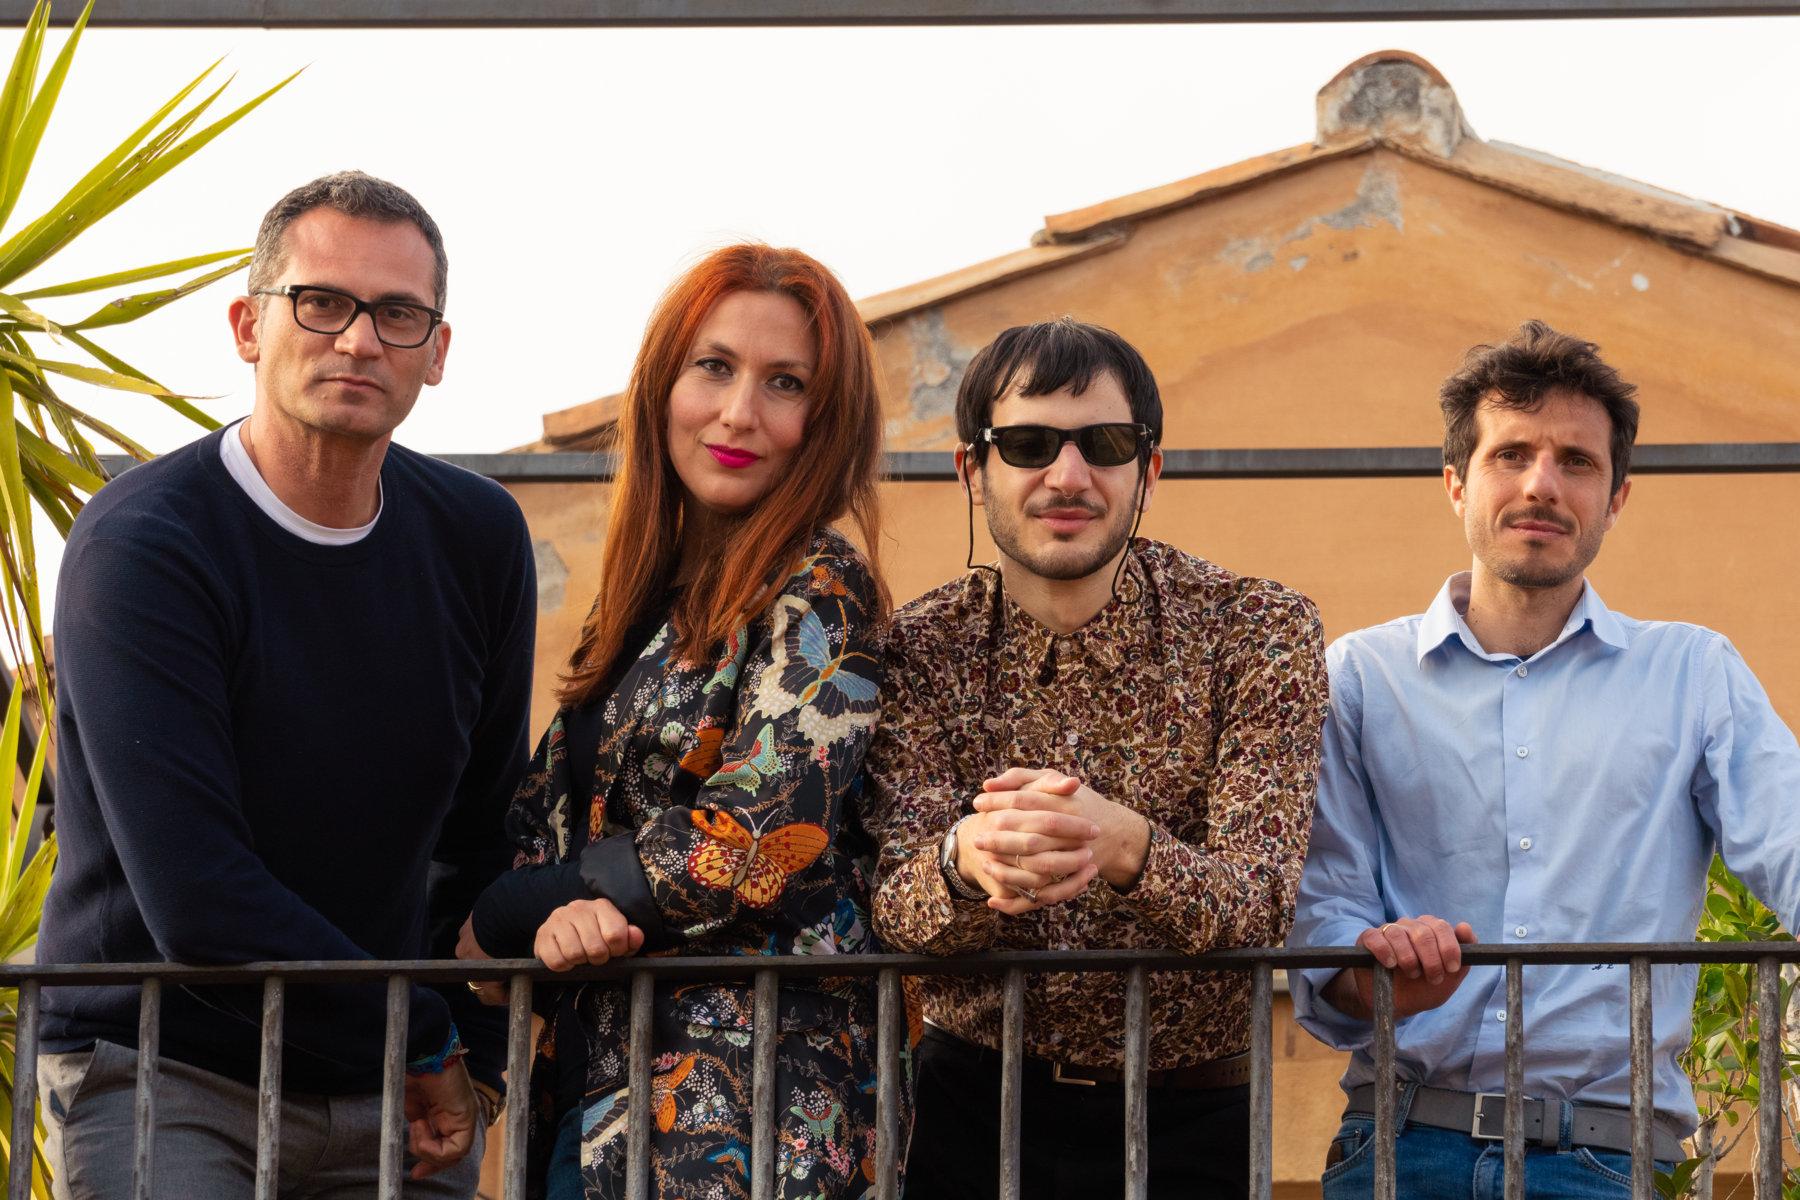 Farmabarocco, Aurelia Nicolosi, Matteo Mauro.